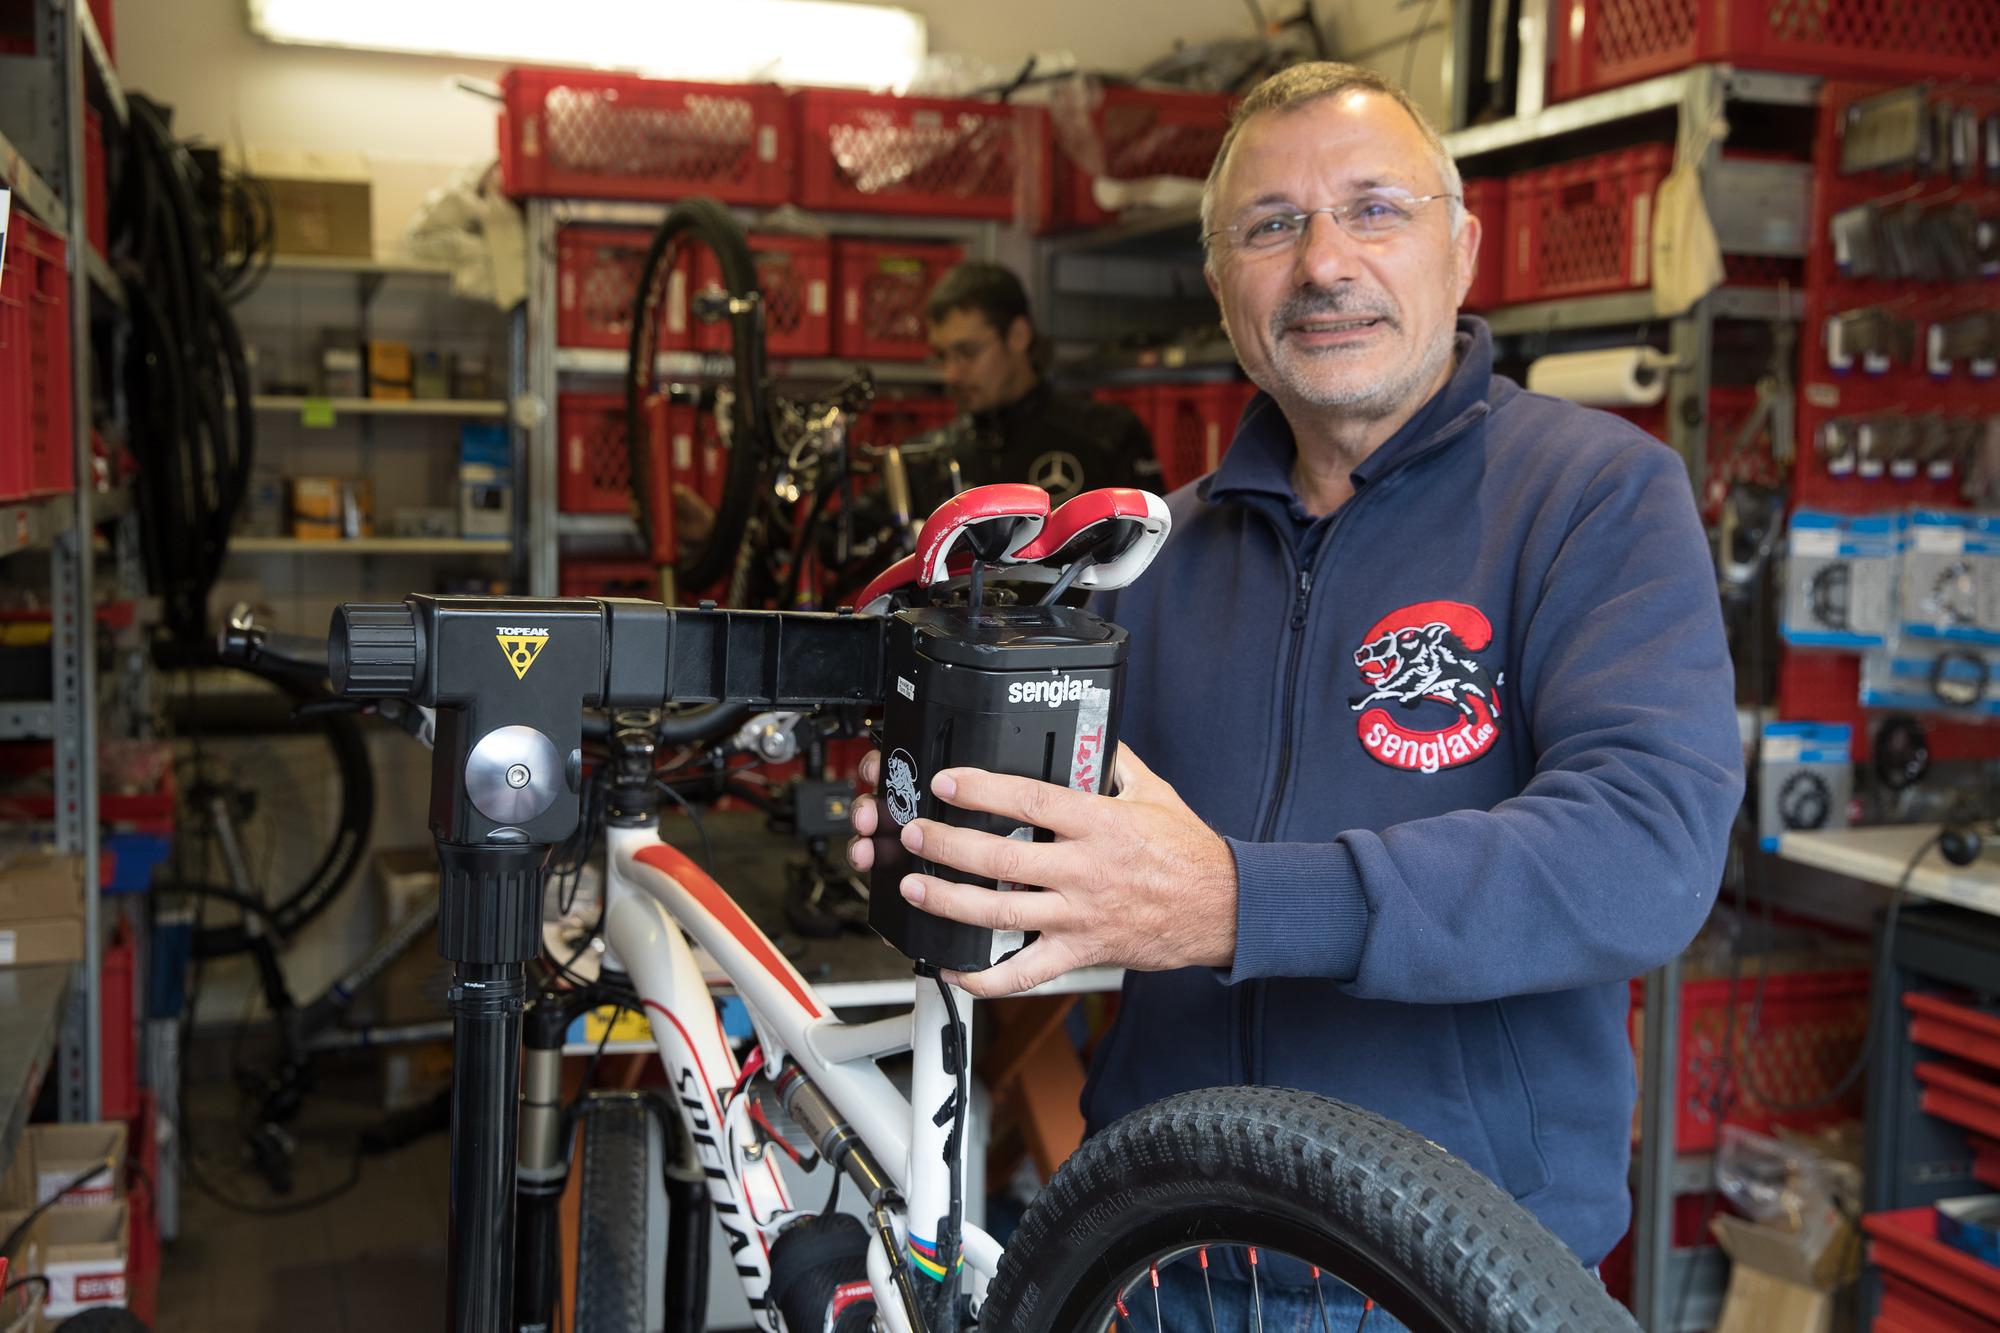 Fahrradwerkstatt Senglar In Weinheim In Den Pyrenäen Getestet In